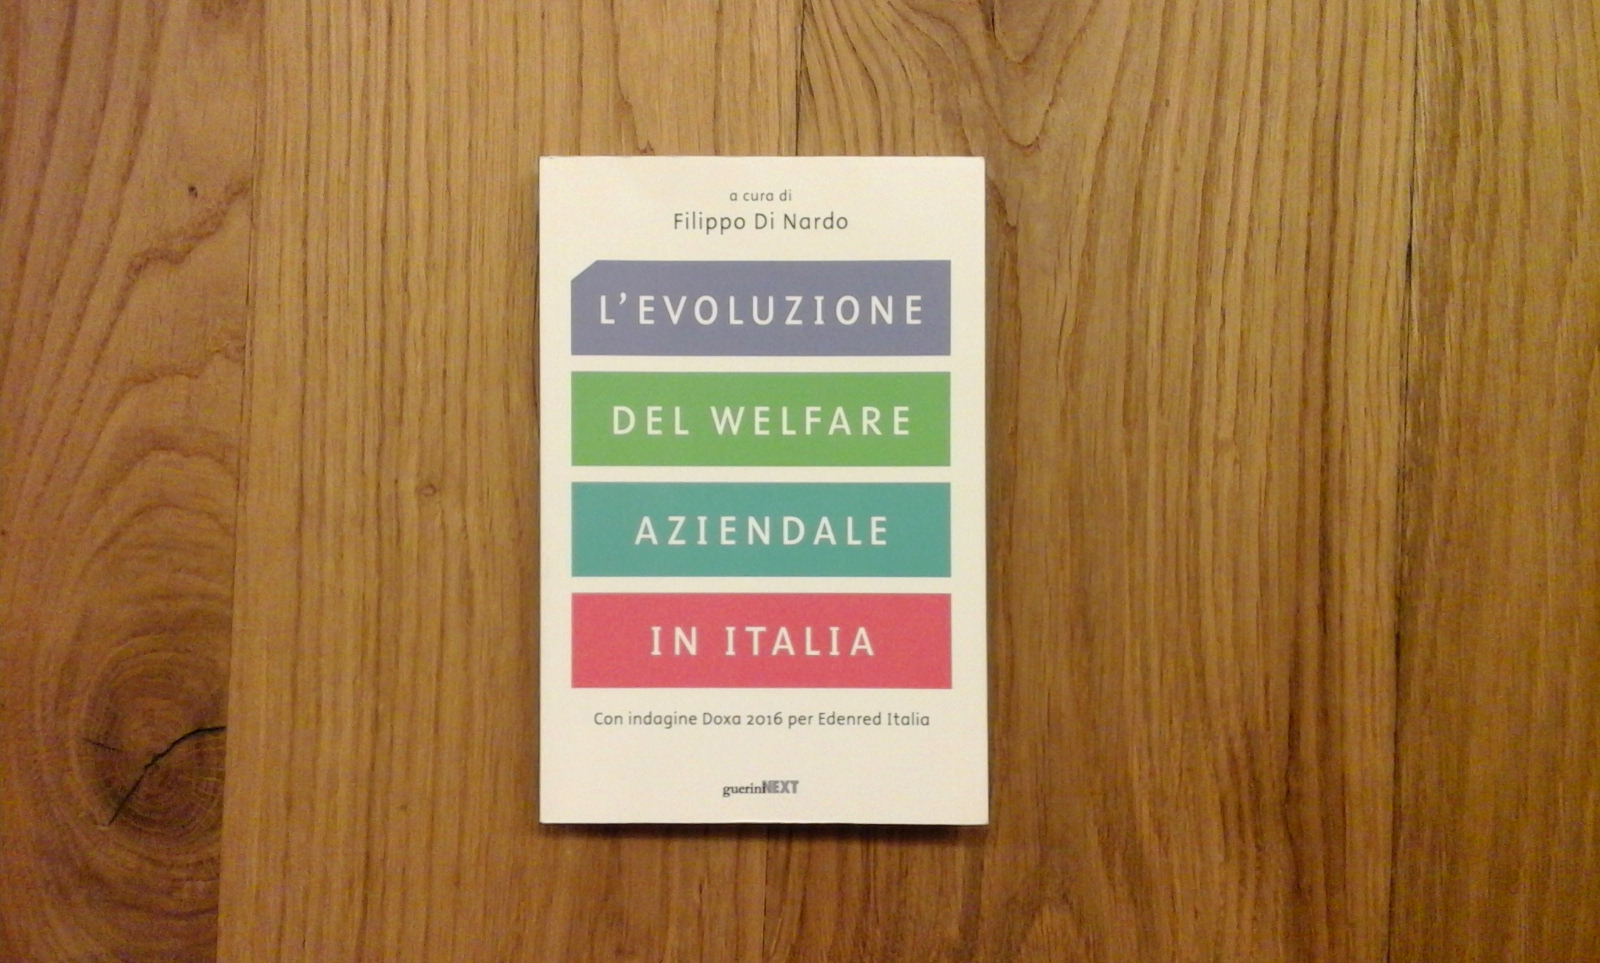 L'evoluzione del welfare aziendale in Italia